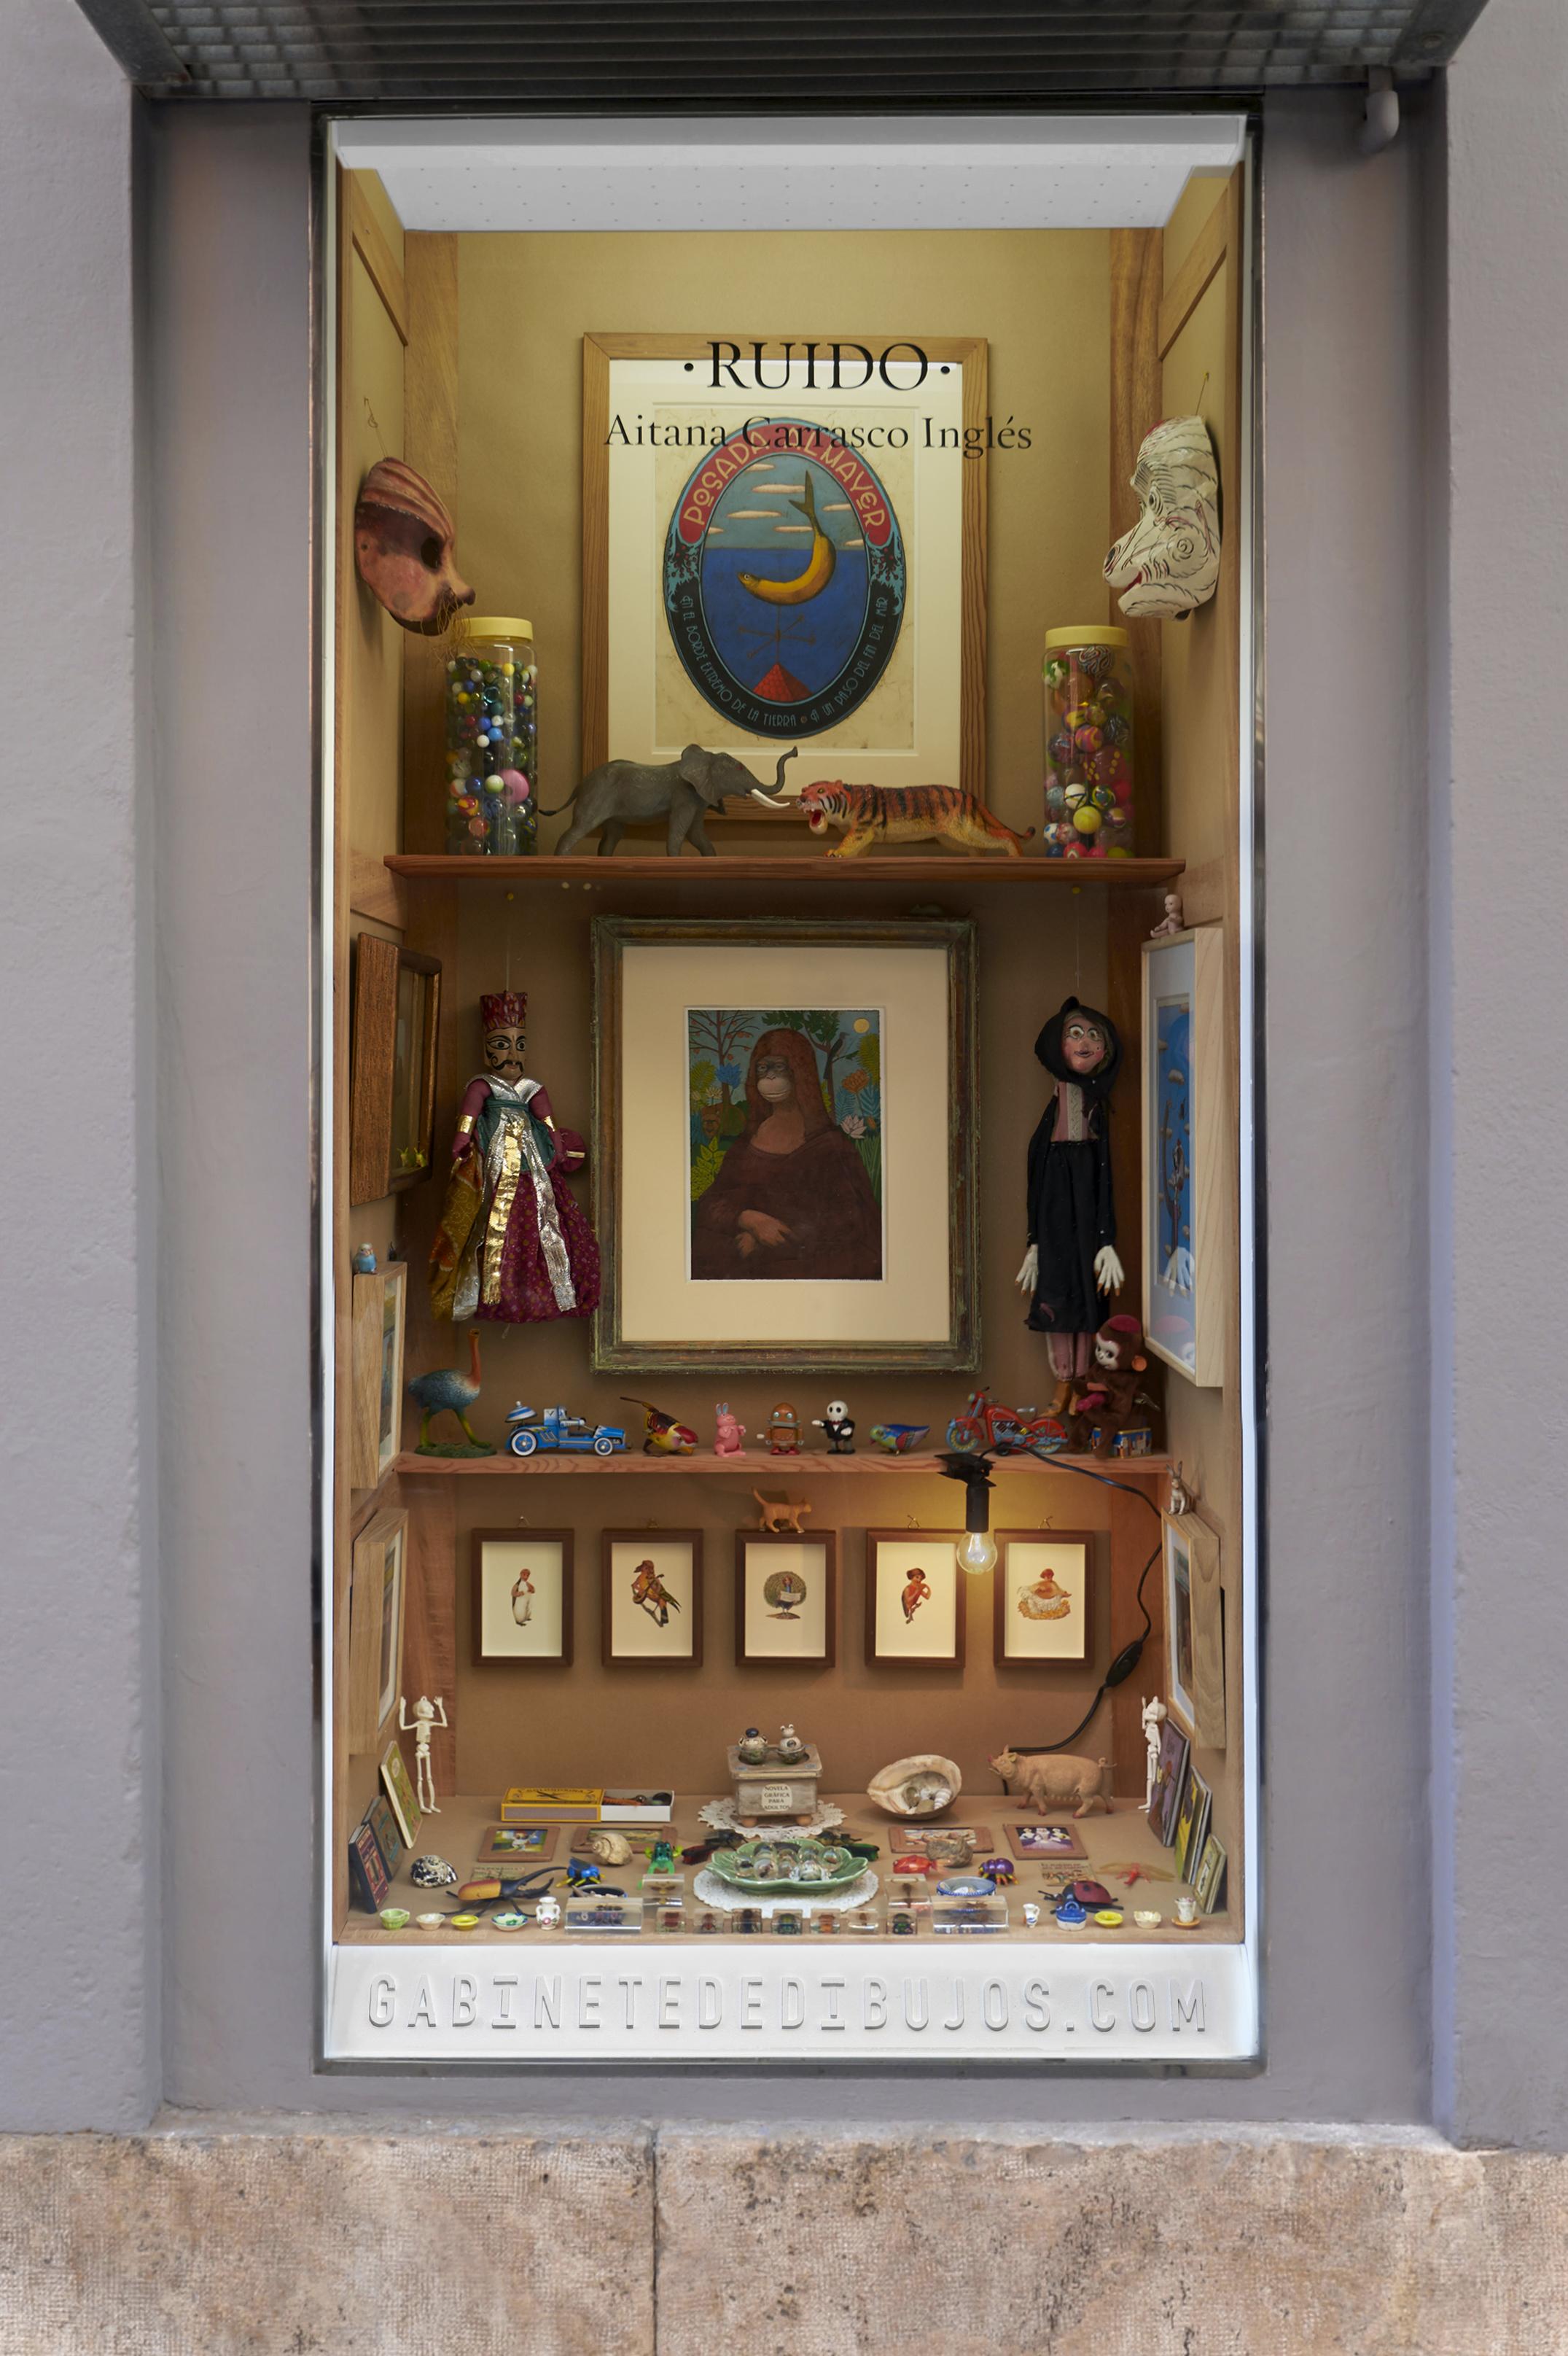 RUIDO de Aitana Carrasco en el Gabinete de dibujos